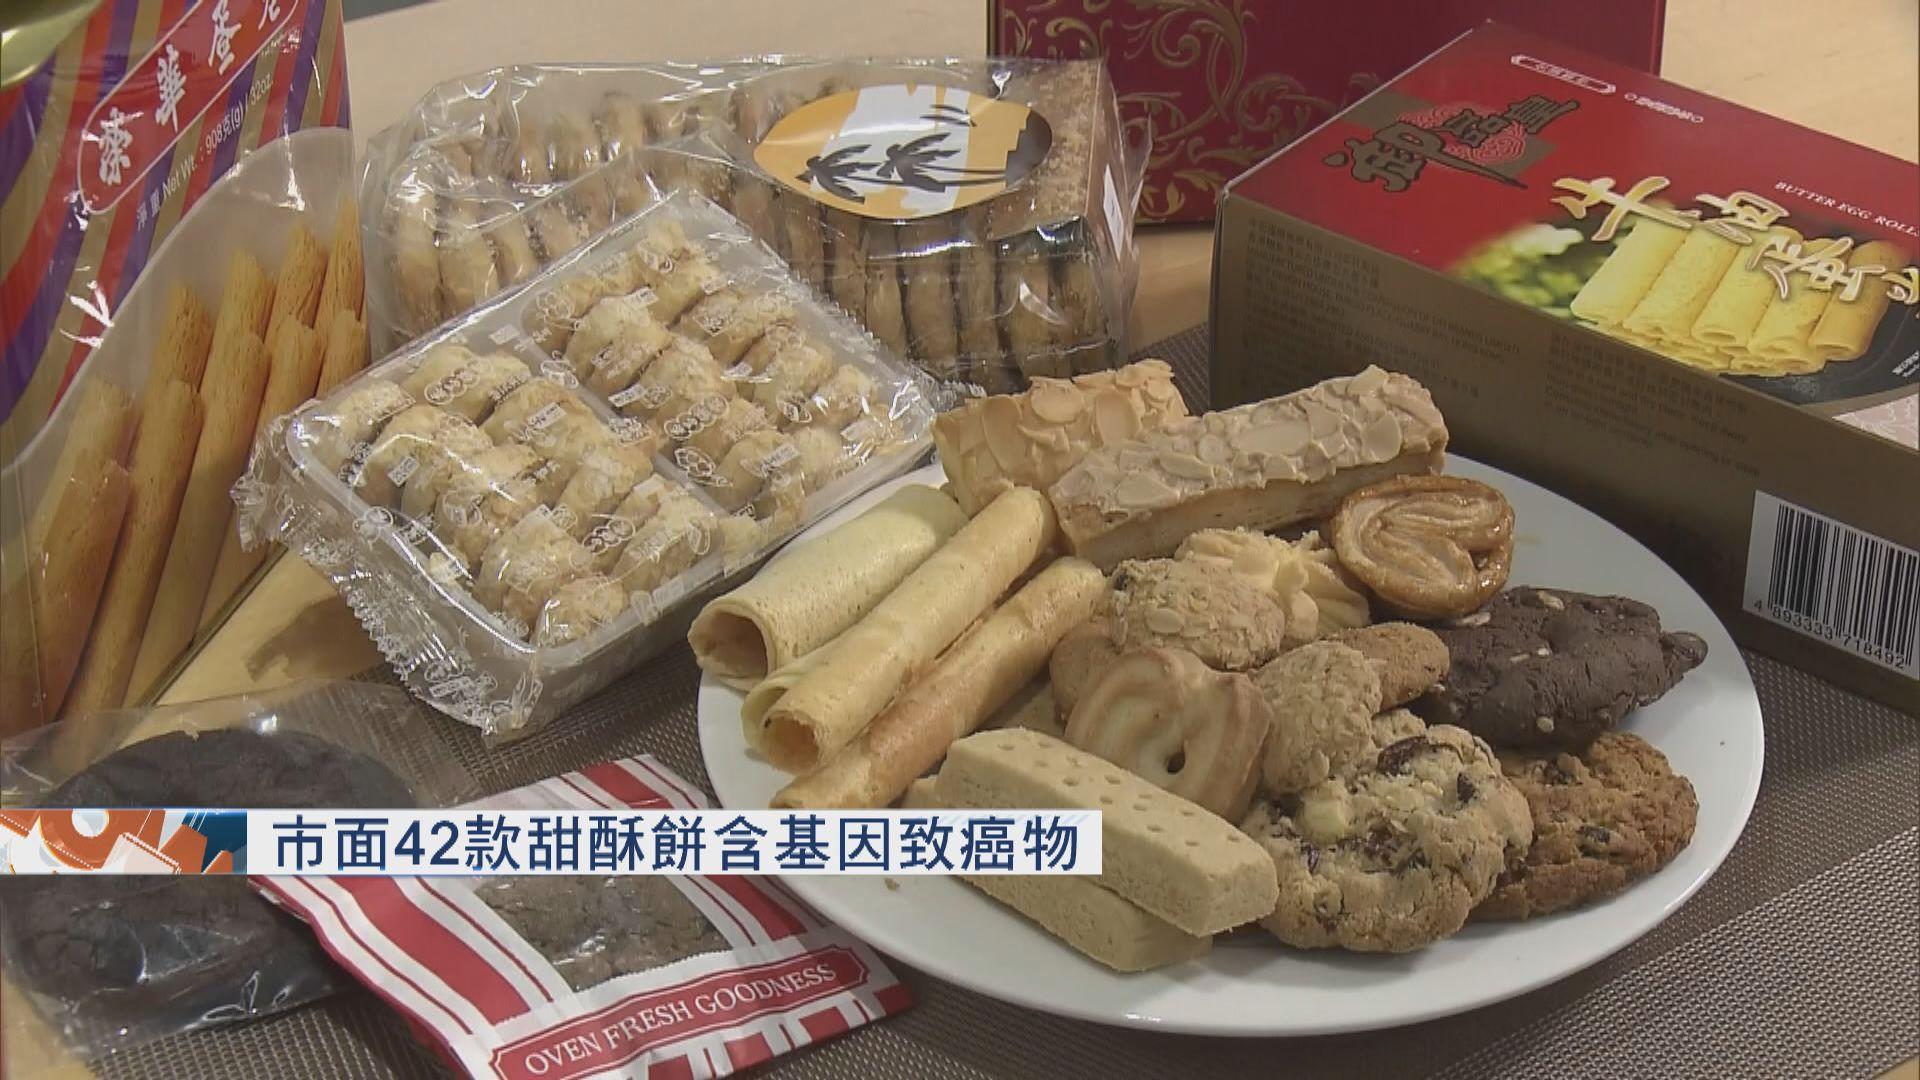 消委會:市面42款甜酥餅含基因致癌物